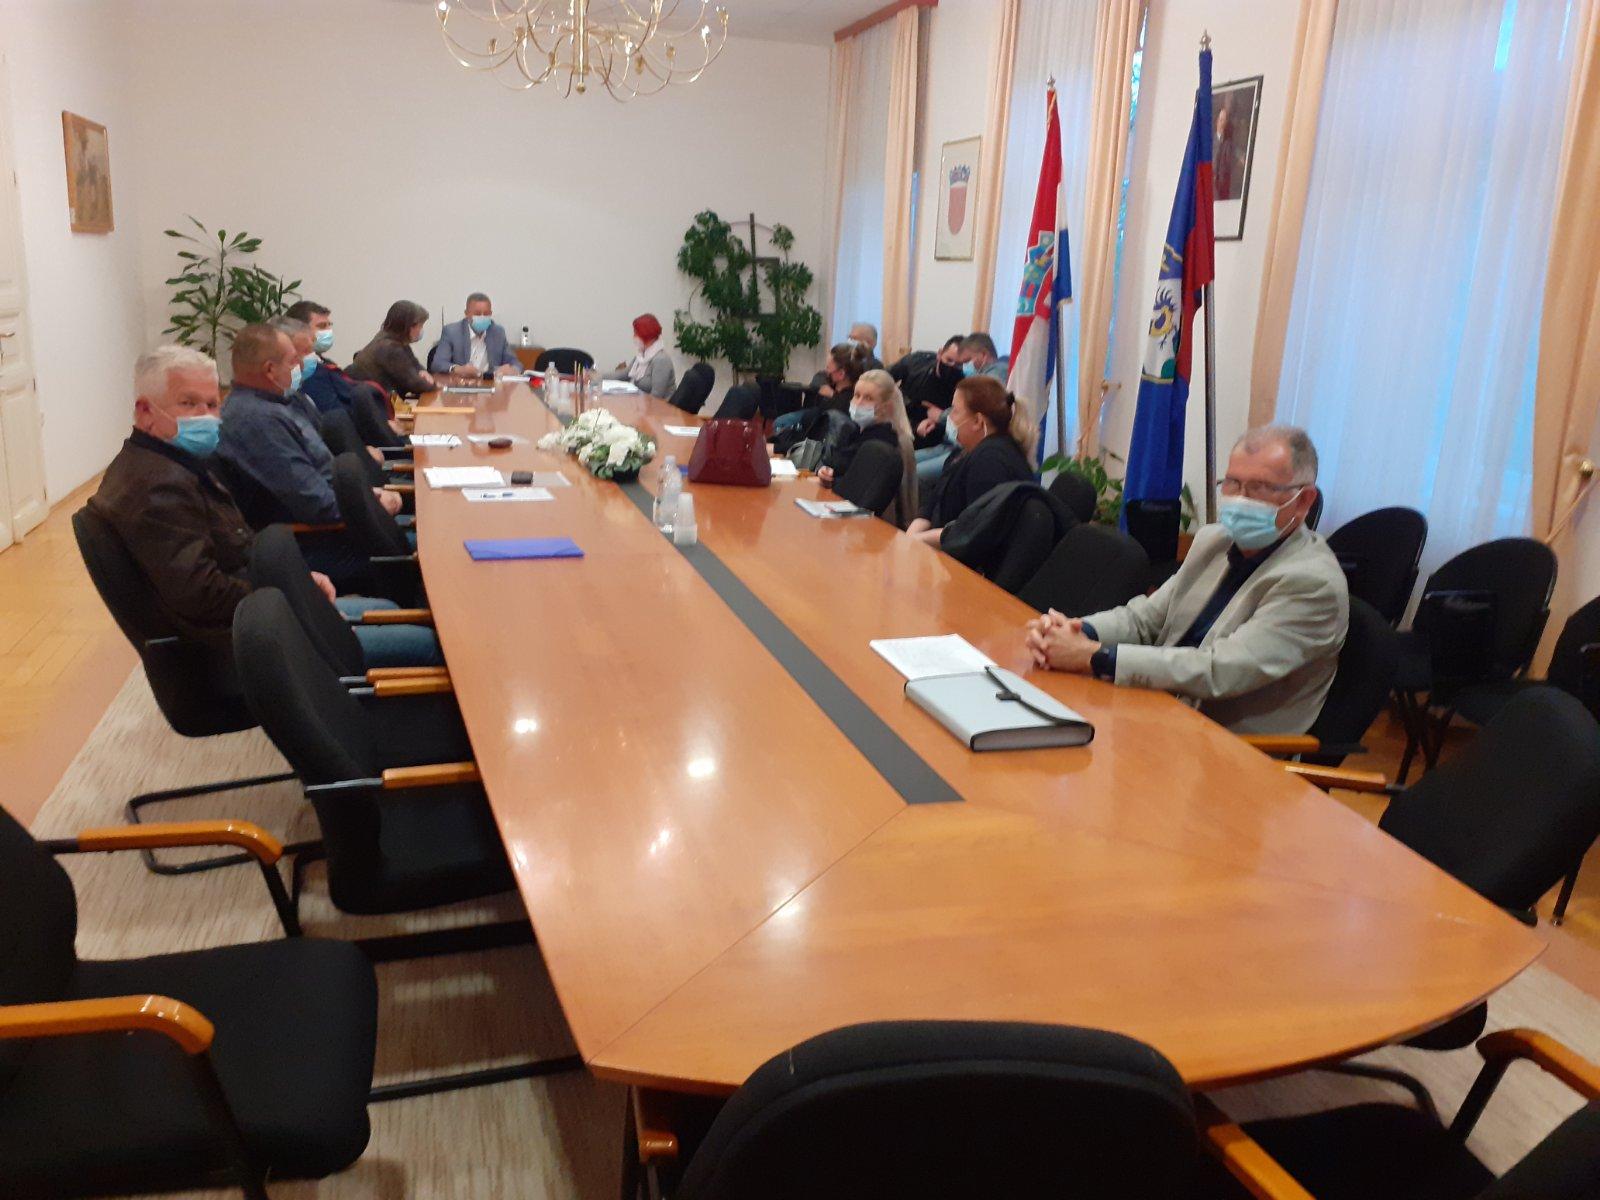 Usvojena lista za Skupštinu Koprivničko-križevačke županije